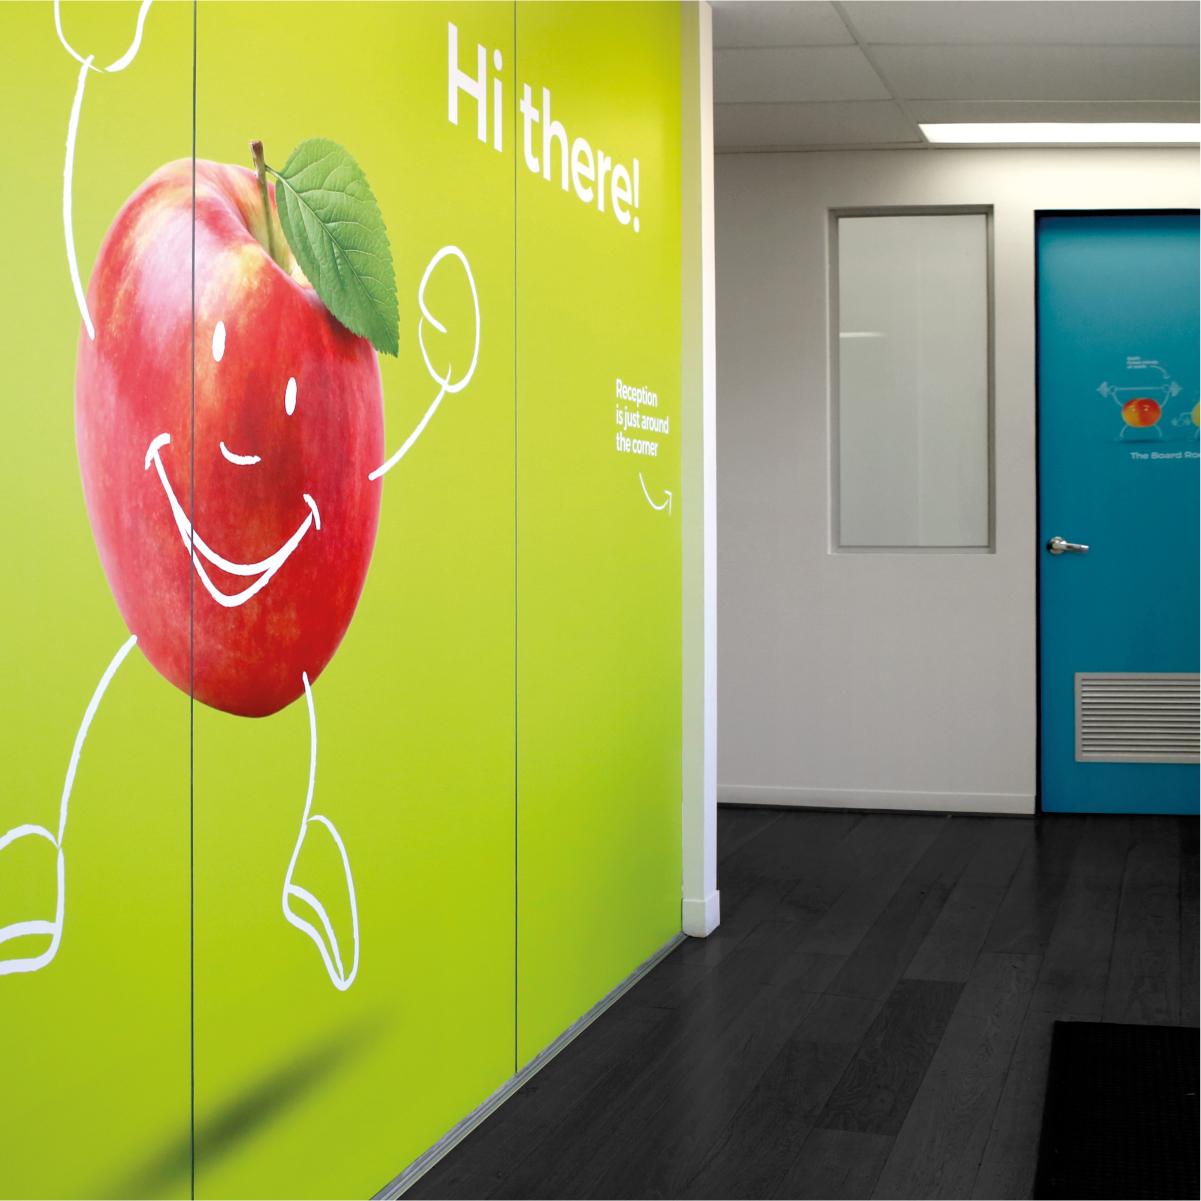 The Fruit Box Entrance Signage